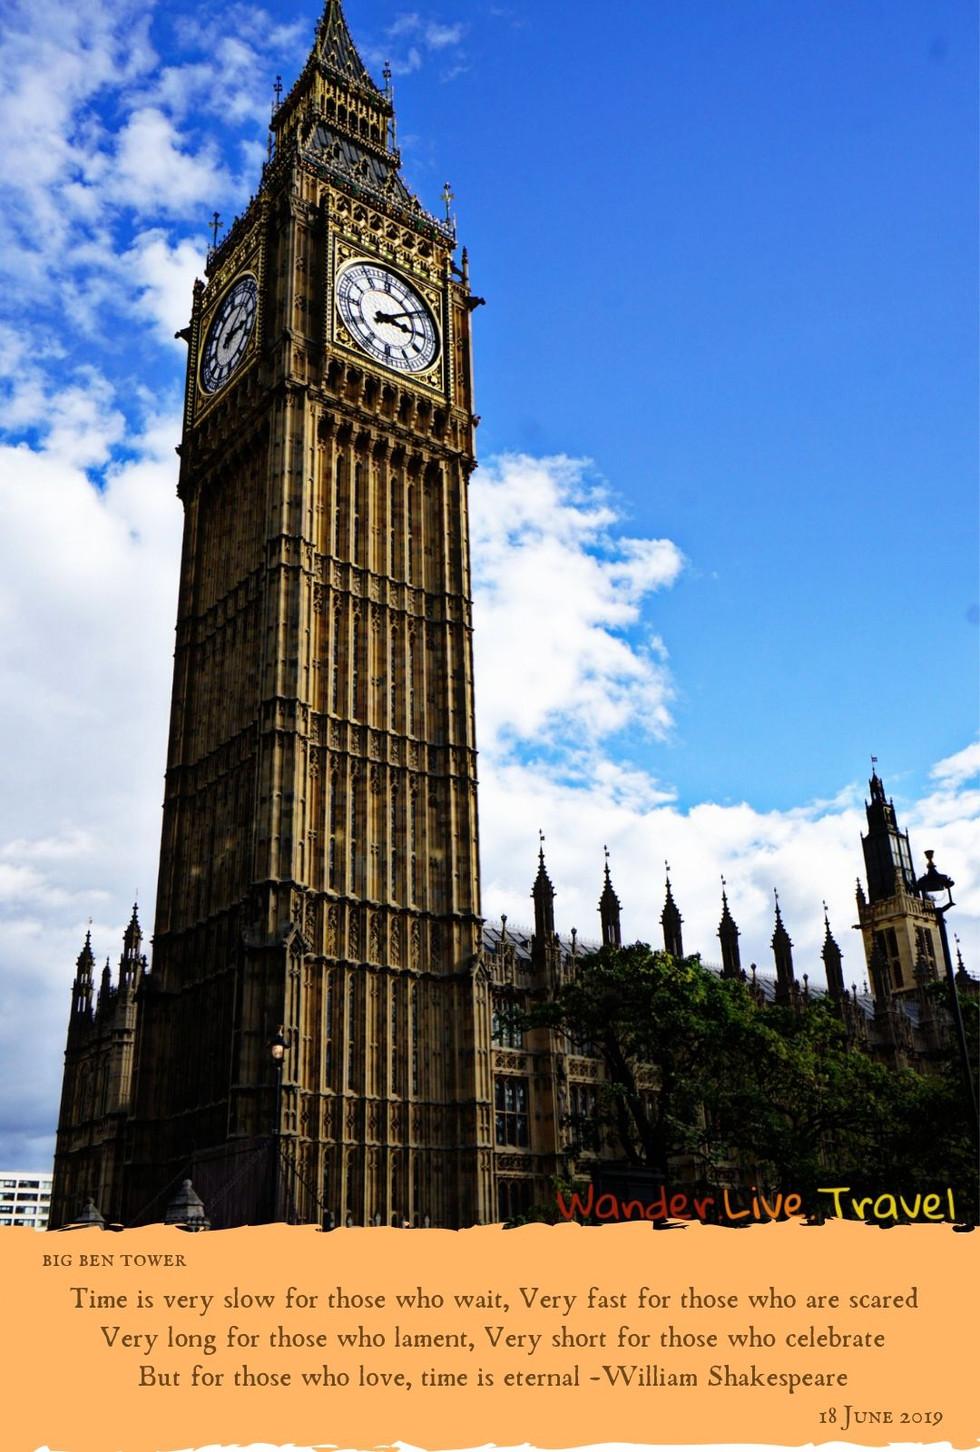 Famous Landmark - Big Ben Tower